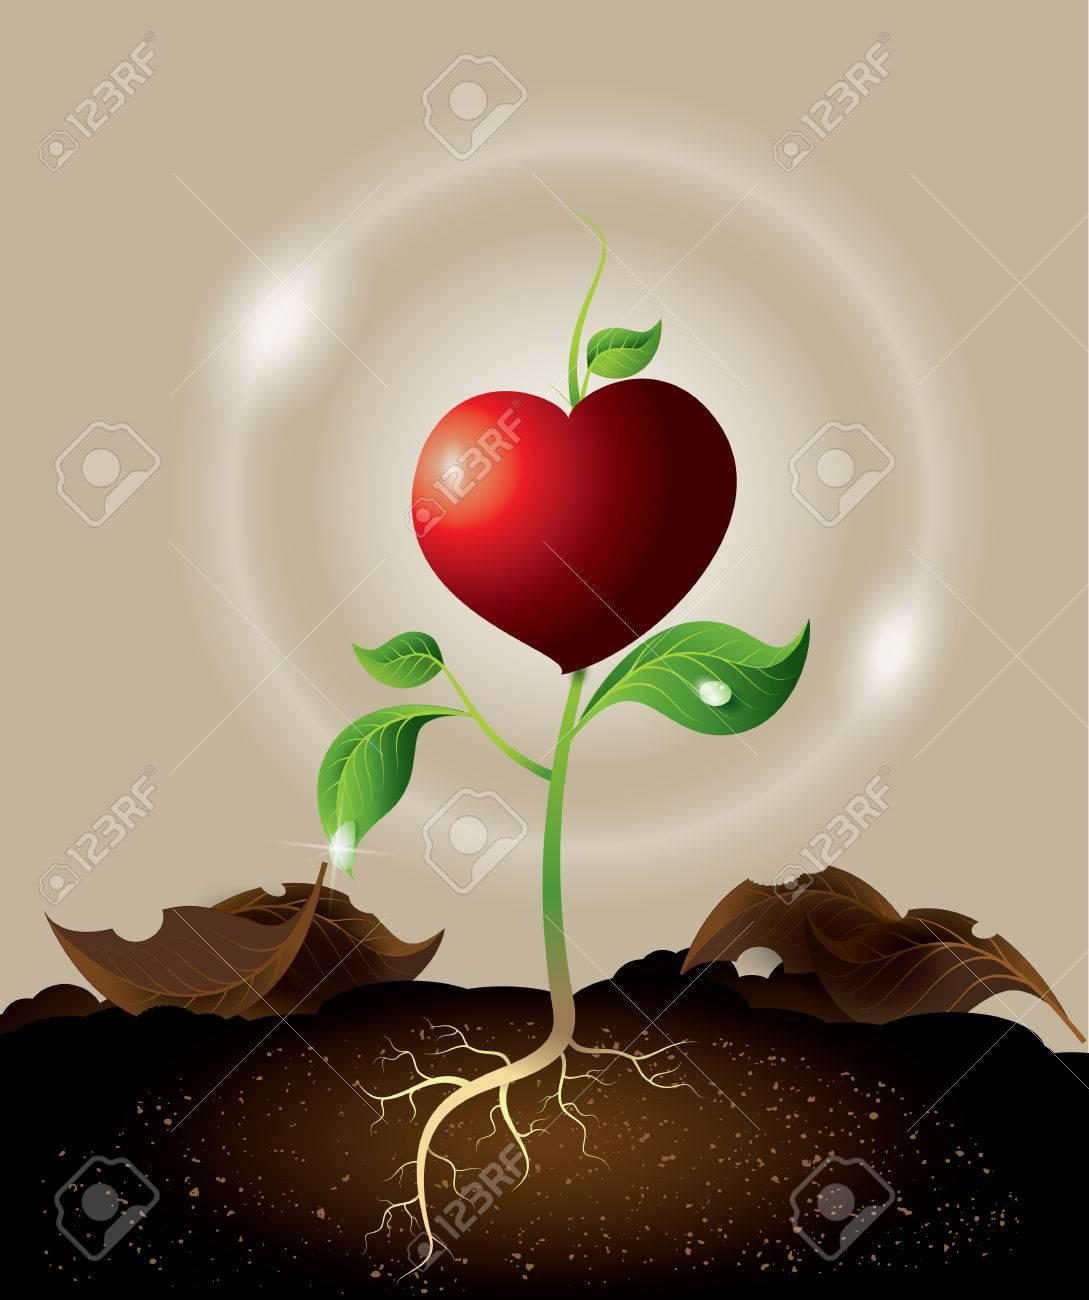 Que pasa cuando un corazon crece